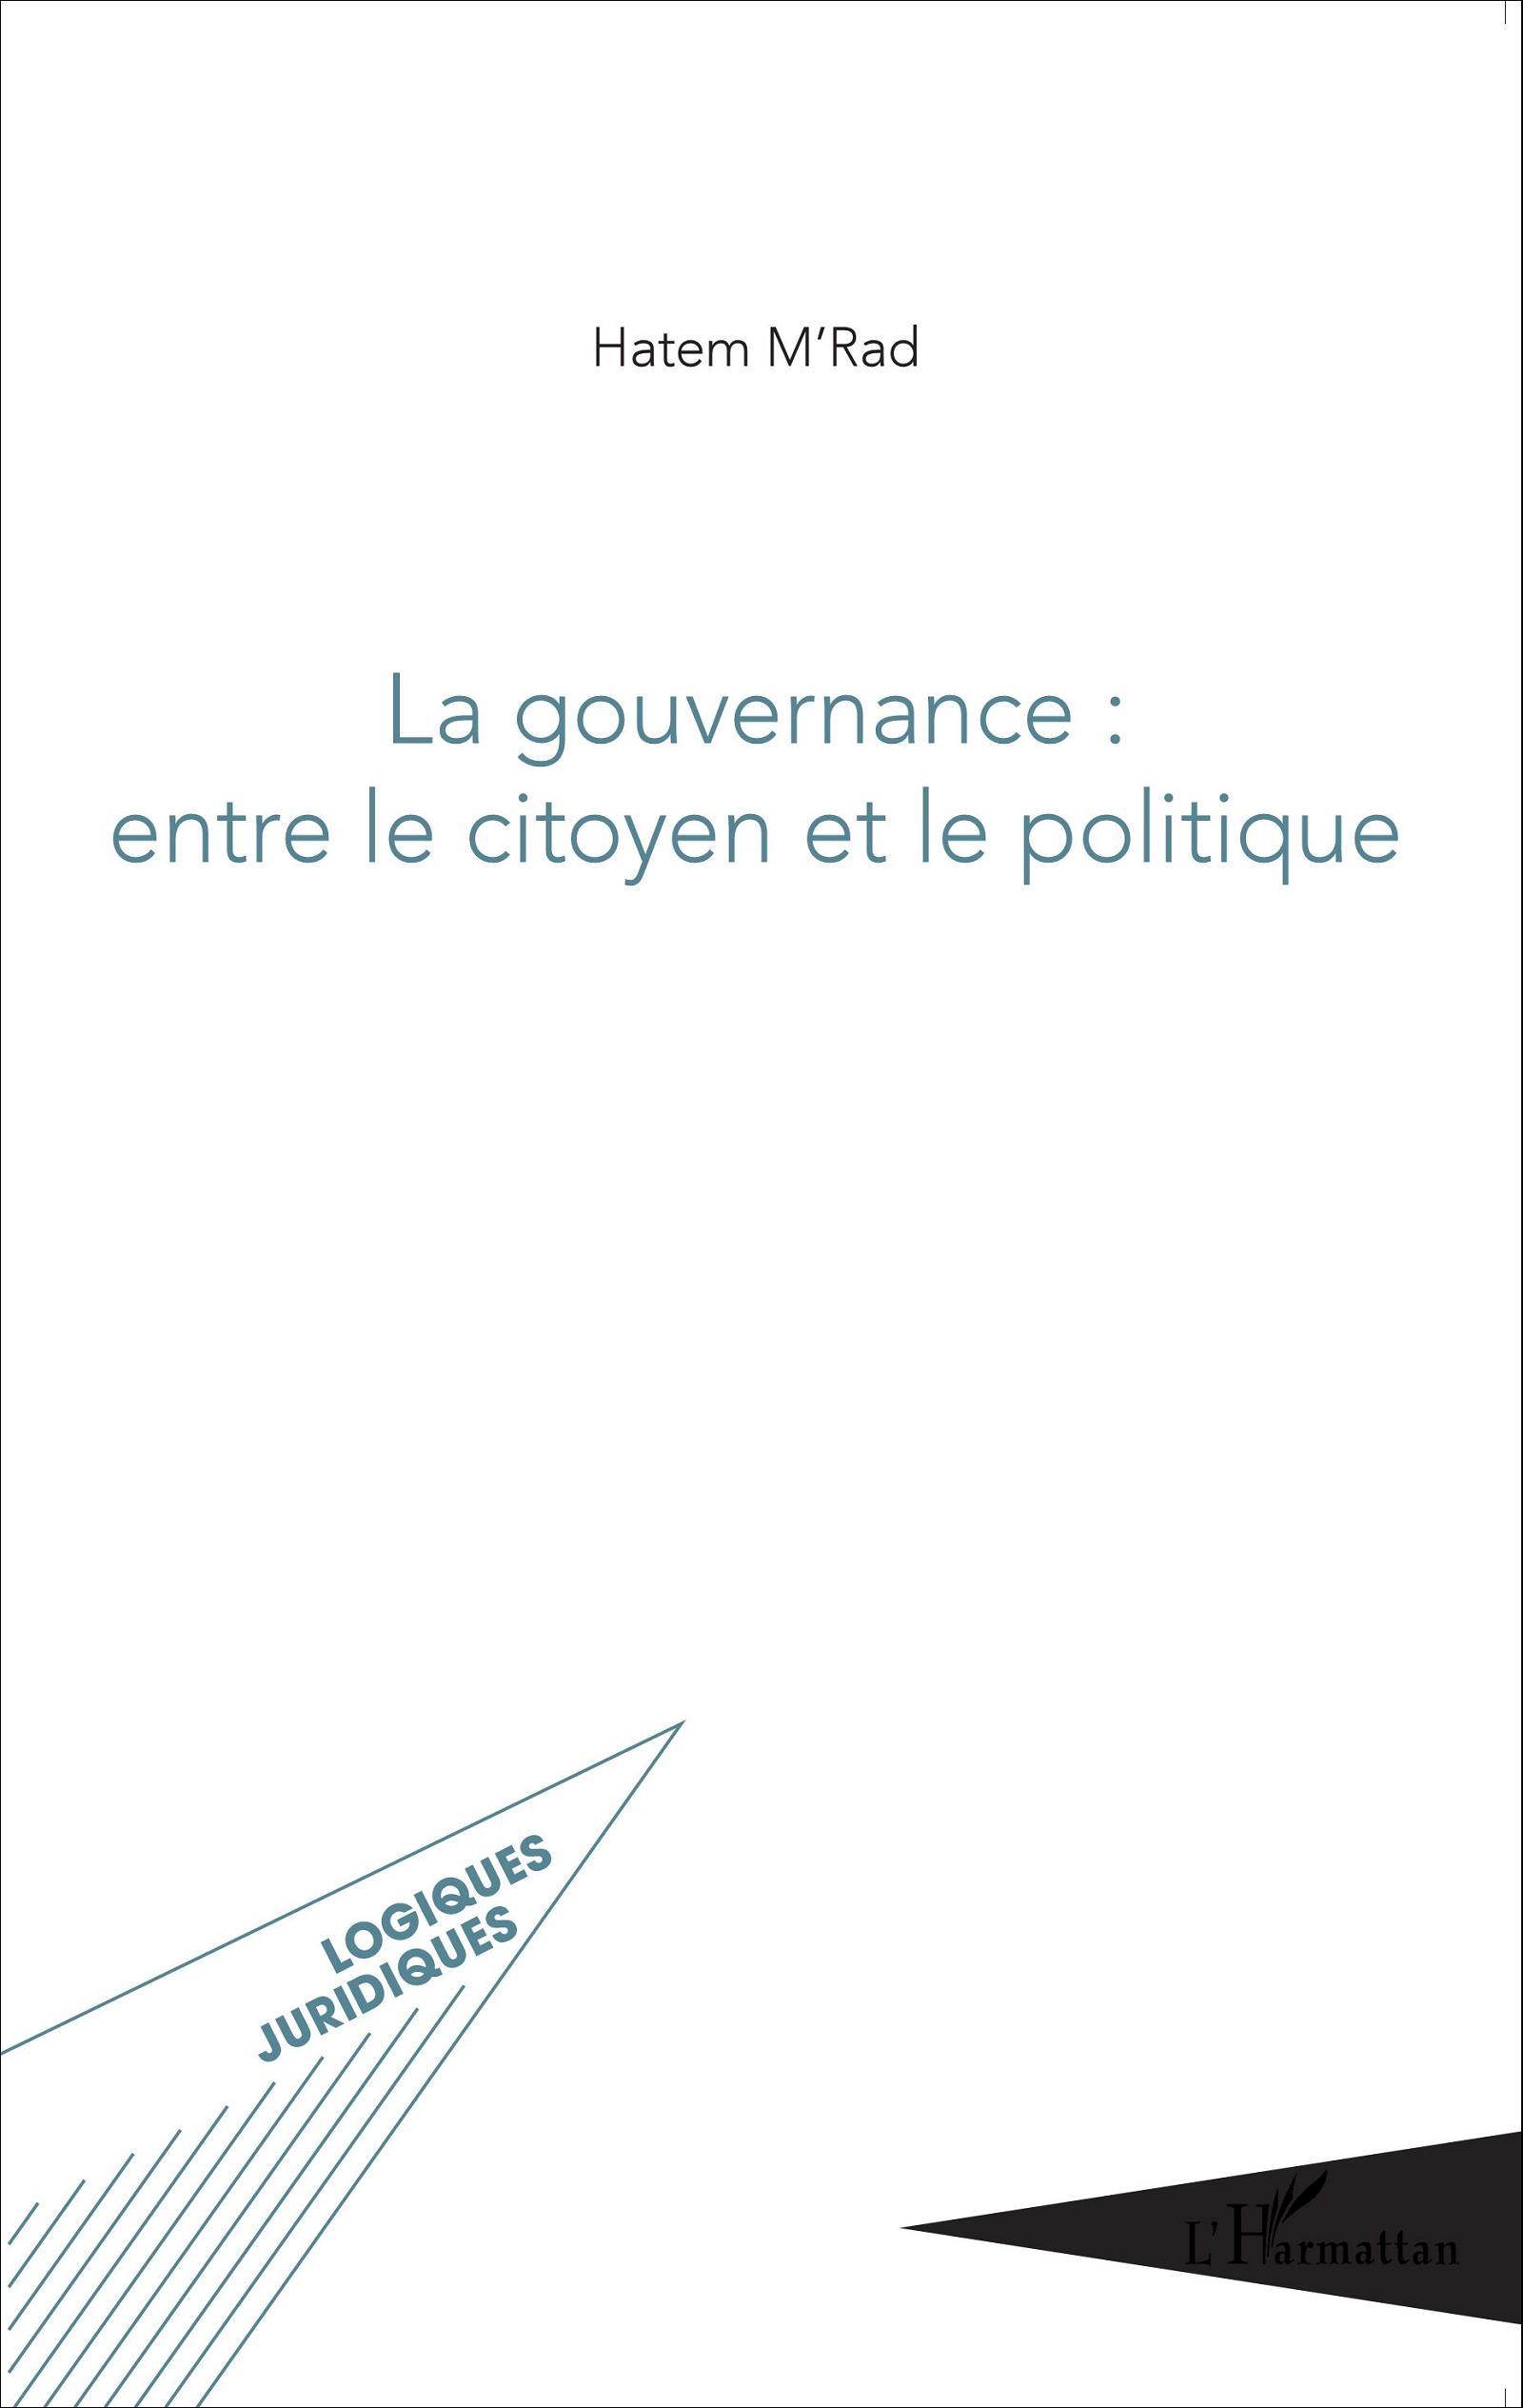 La gouvernance : entre le citoyen et le politique